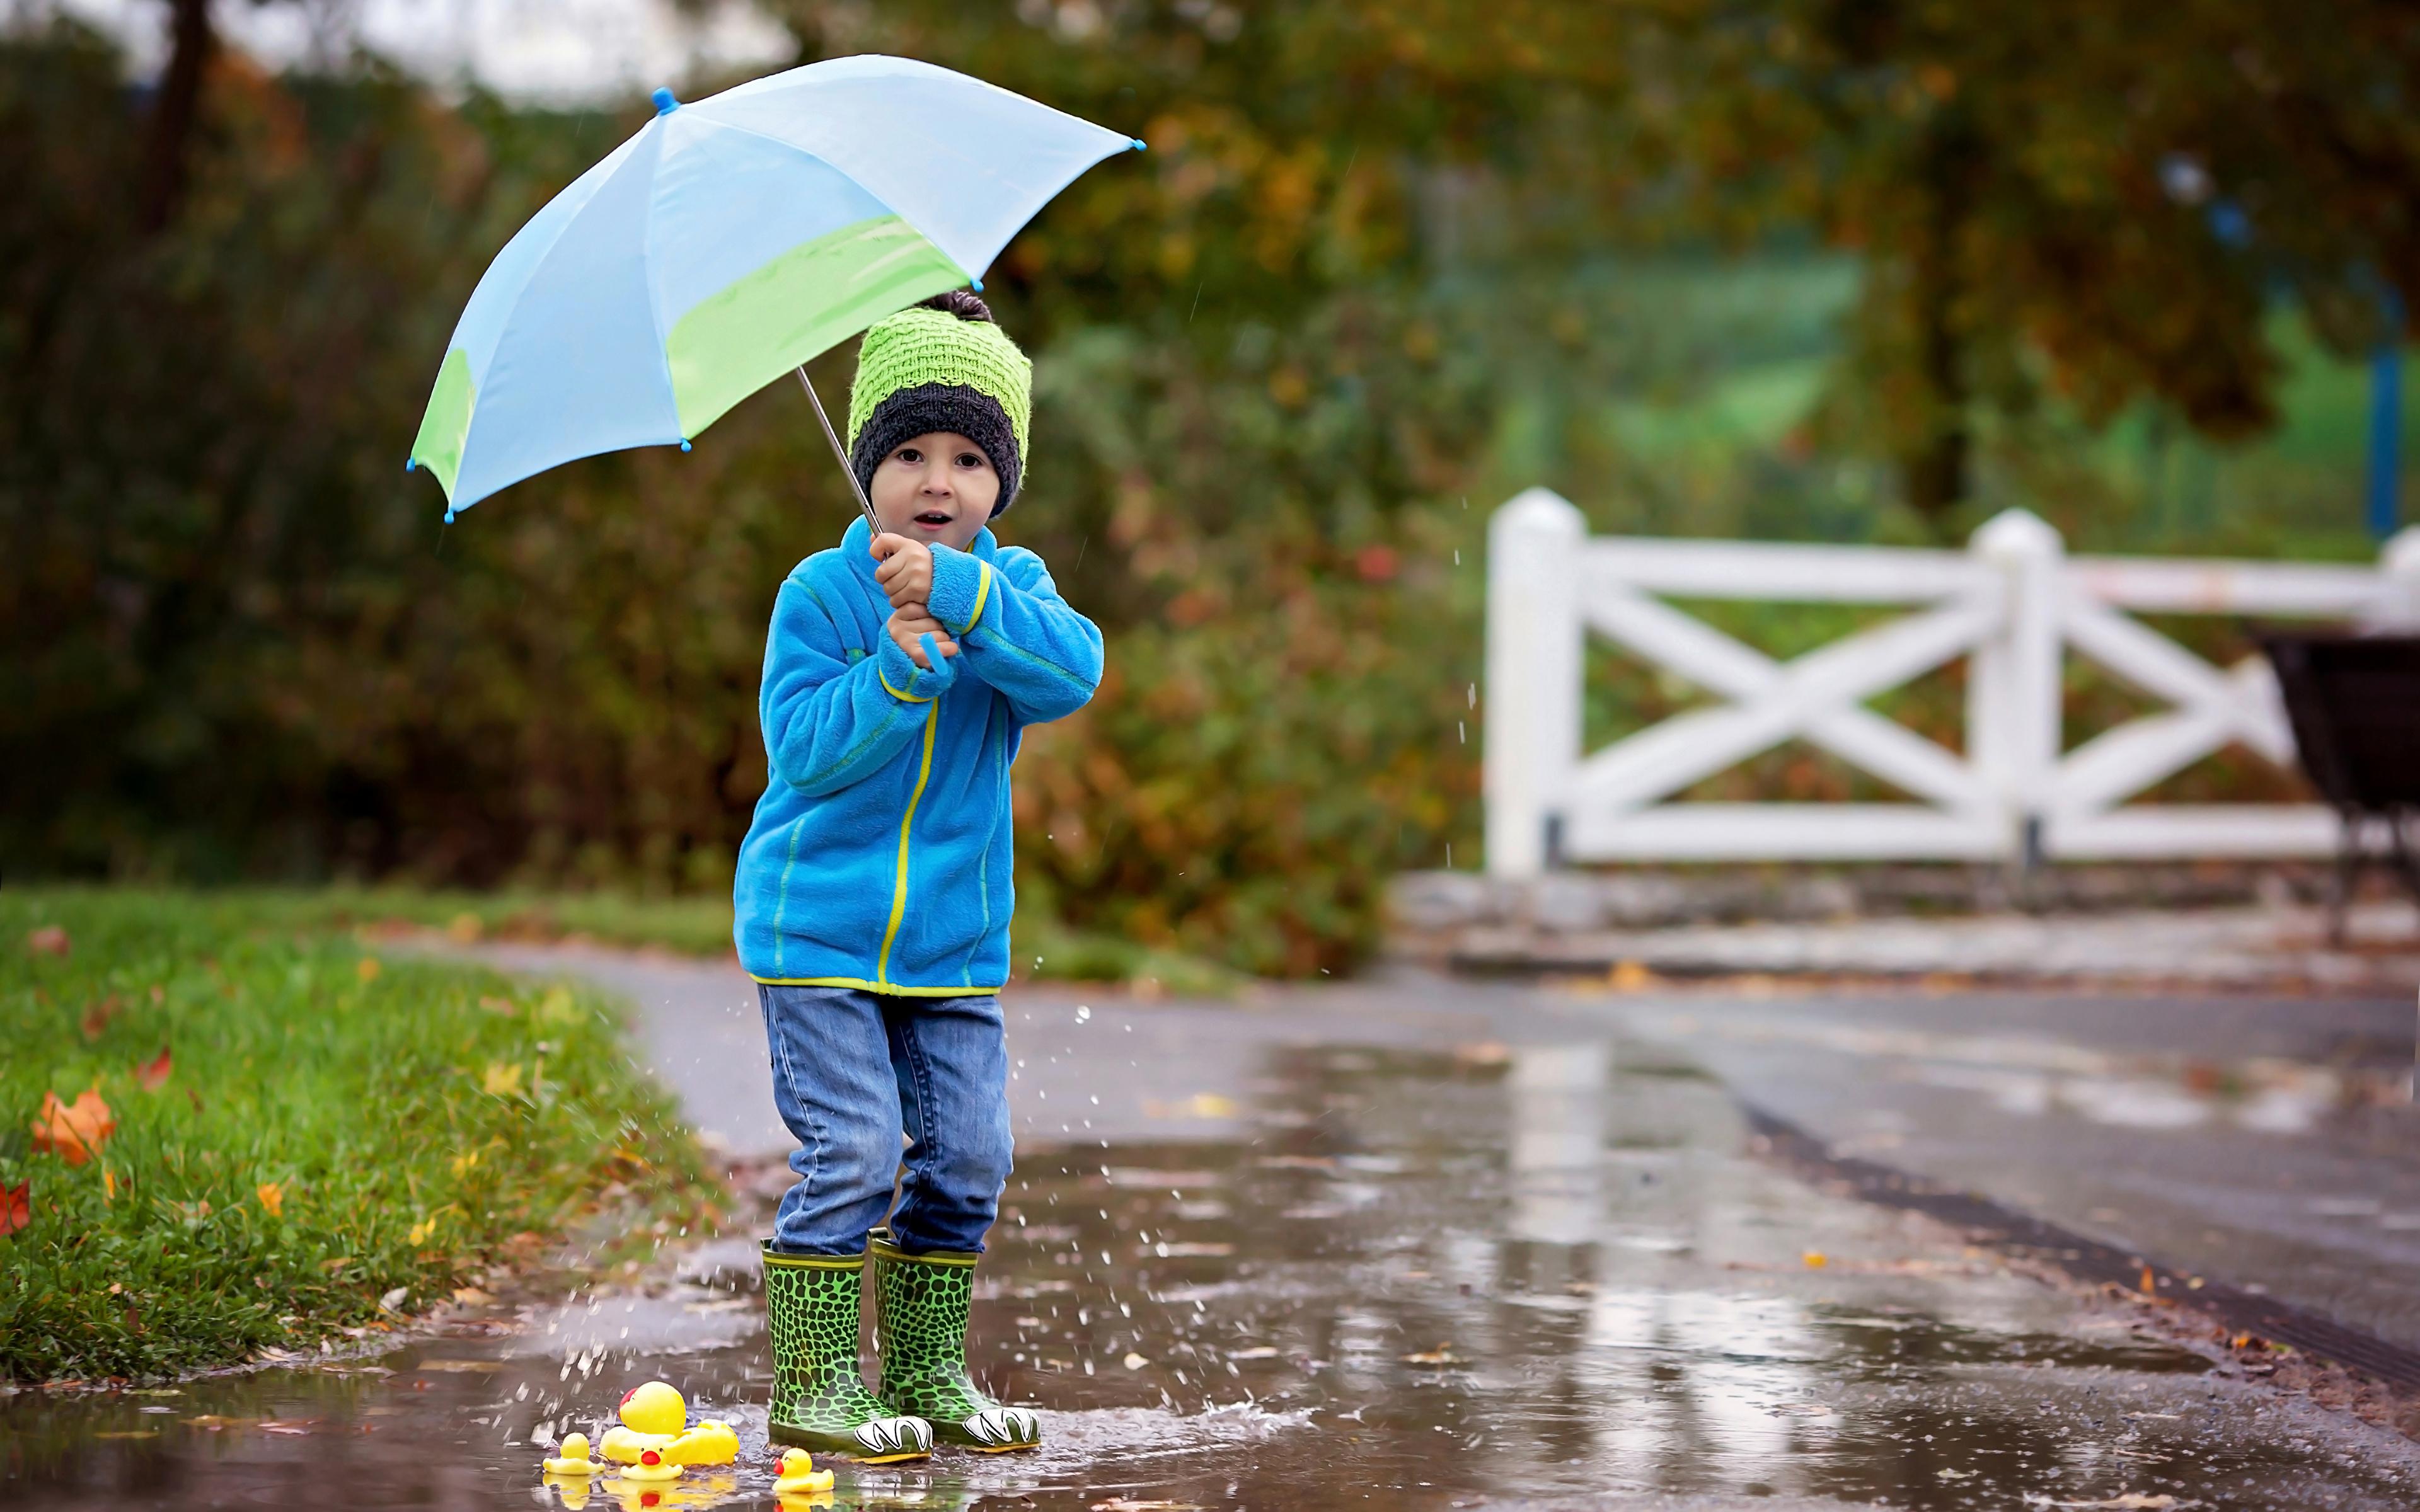 雨の日でも子供と一緒に楽しく遊べる!関東お出かけスポット19